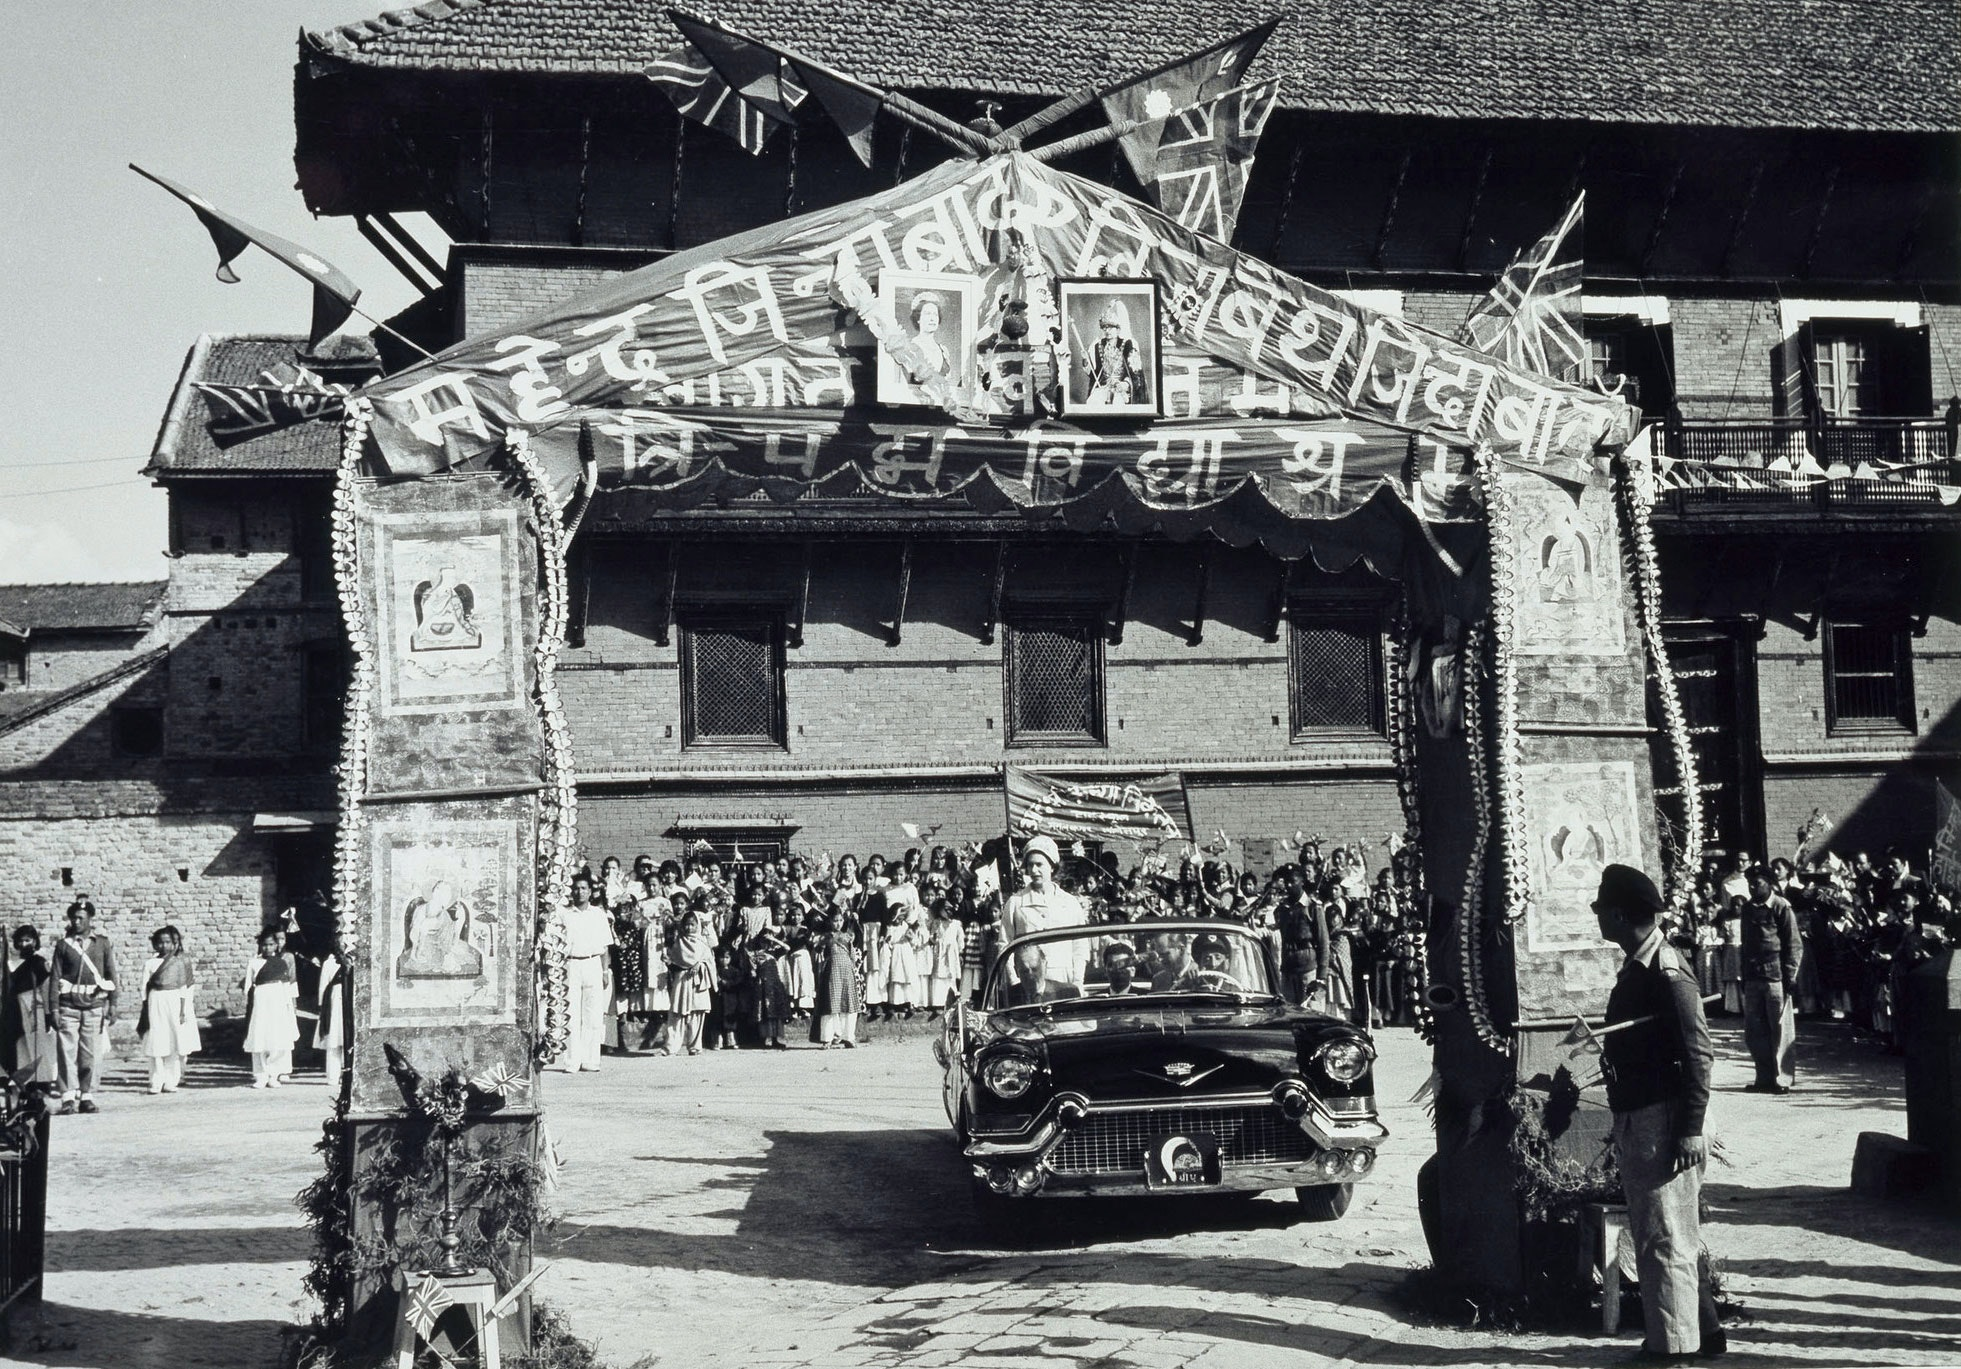 Queen in Nepal